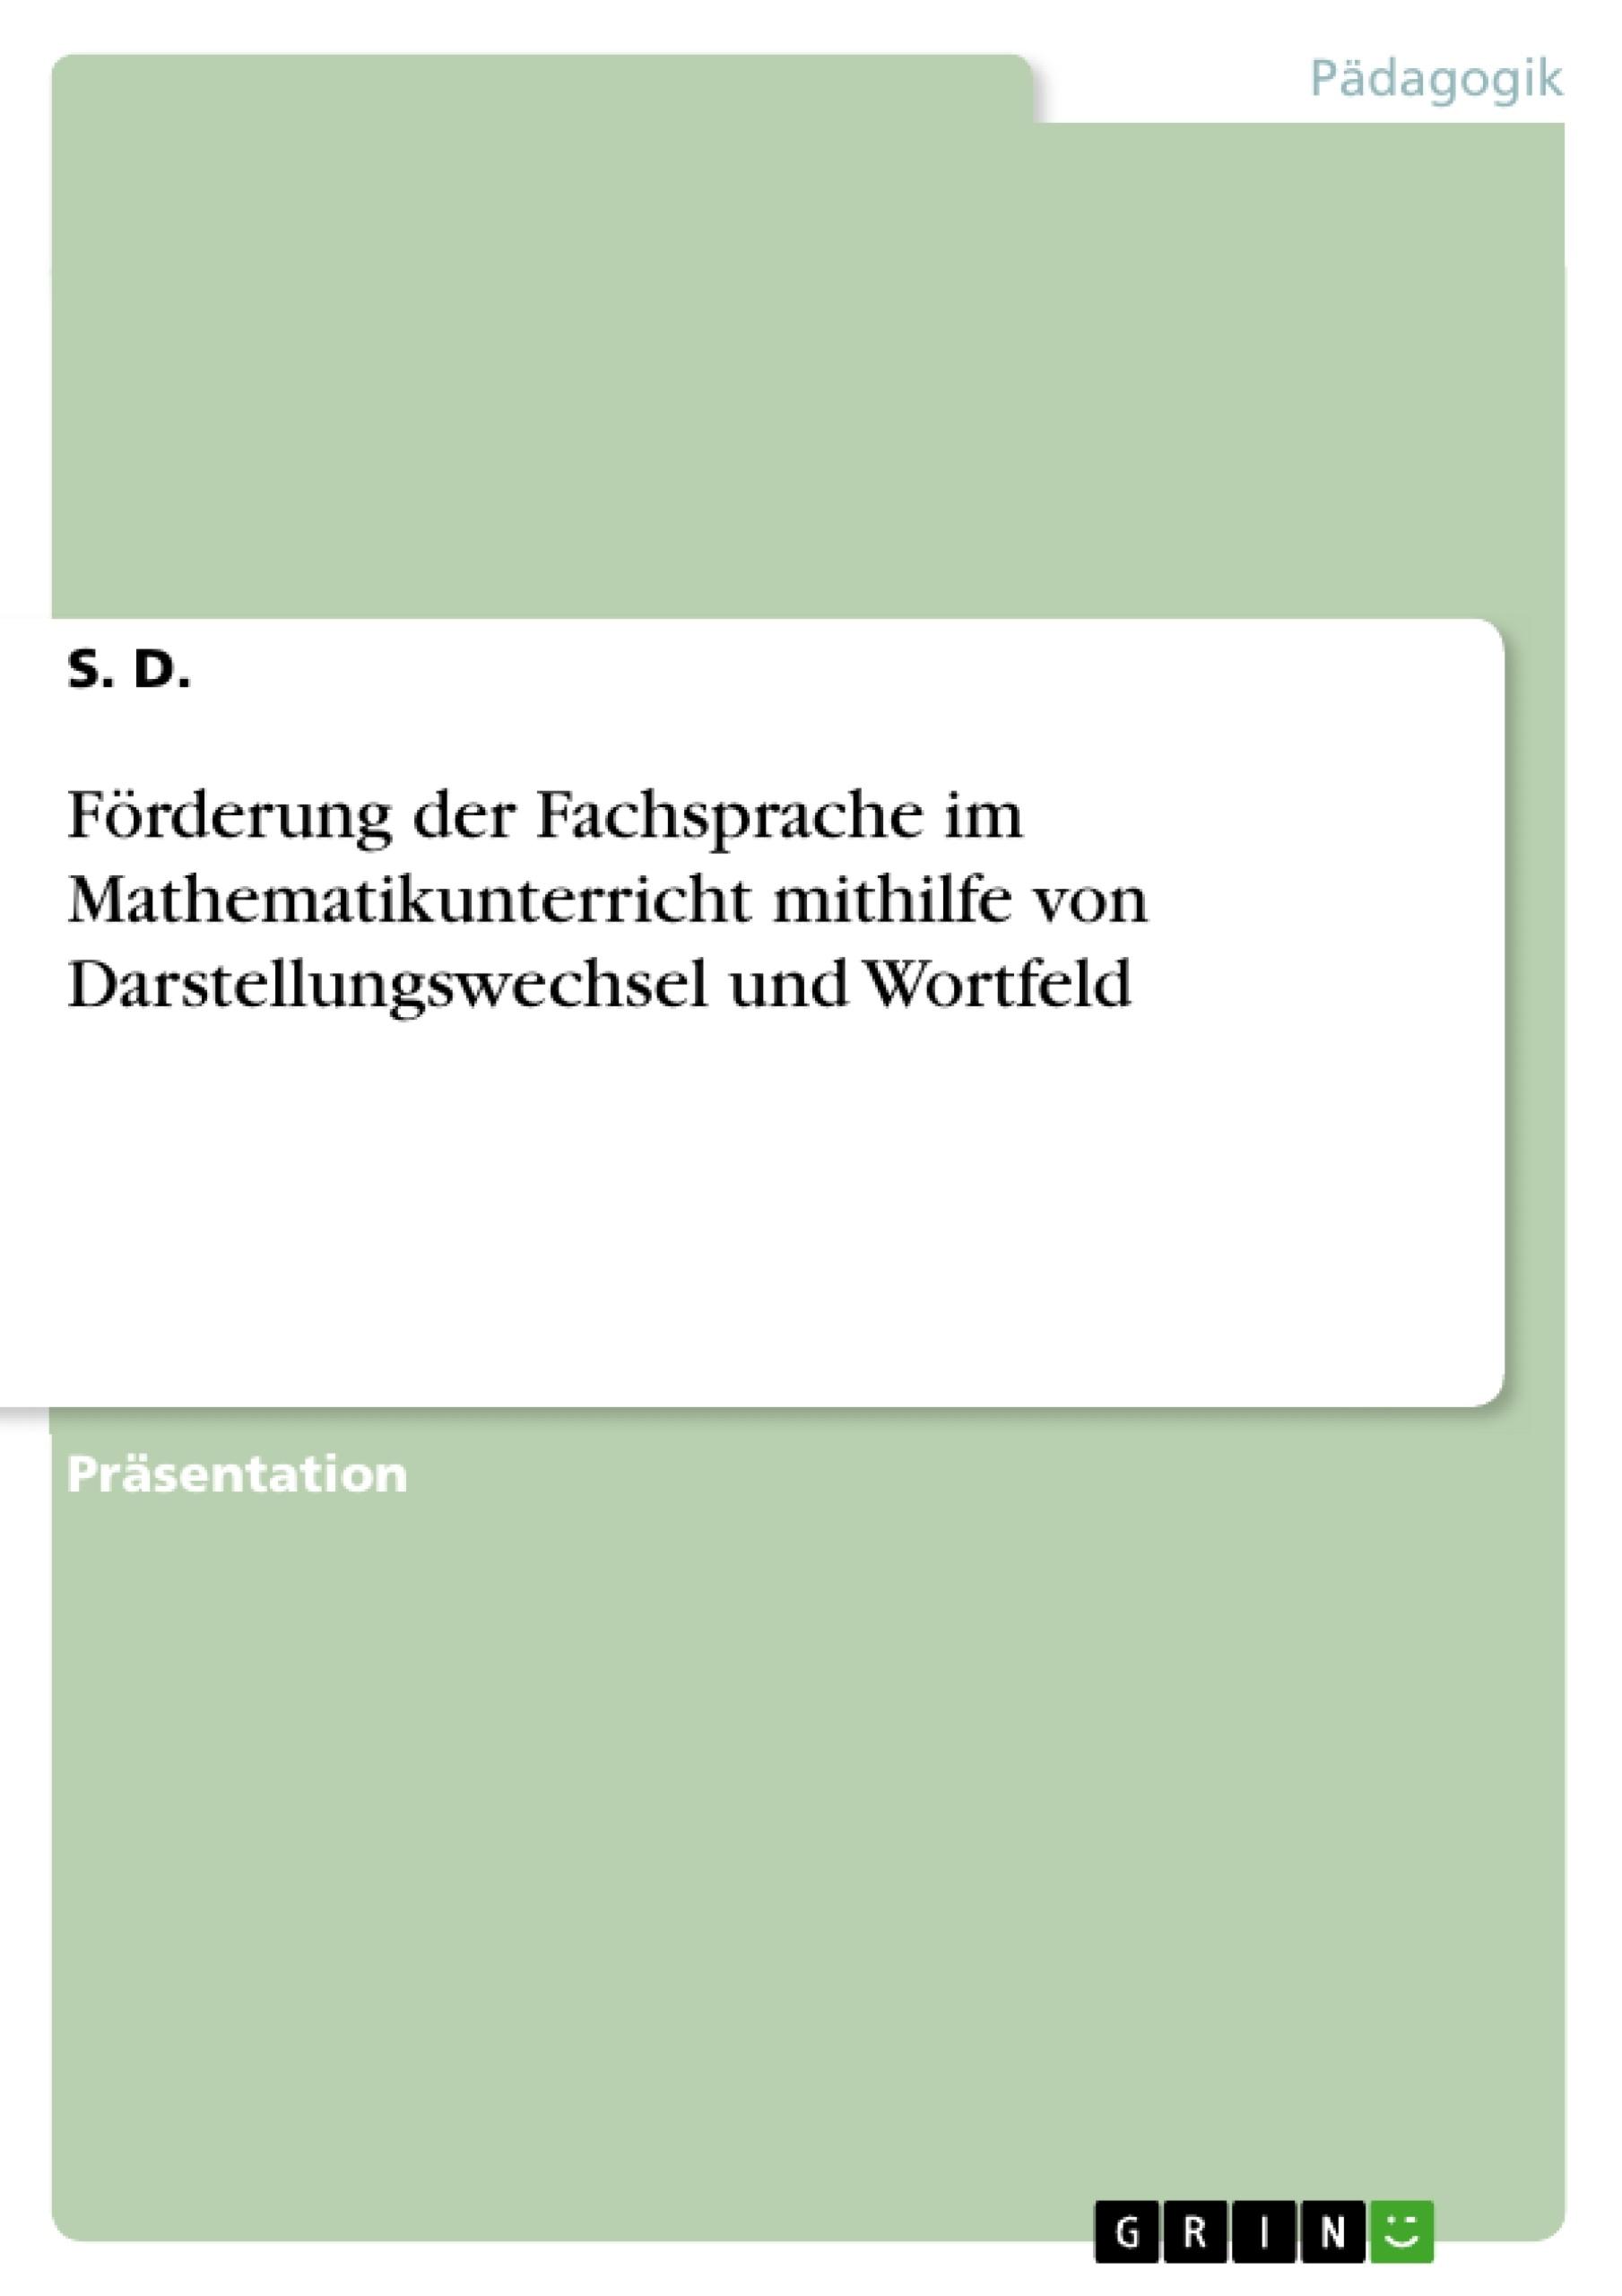 Titel: Förderung der Fachsprache im Mathematikunterricht mithilfe von Darstellungswechsel und Wortfeld